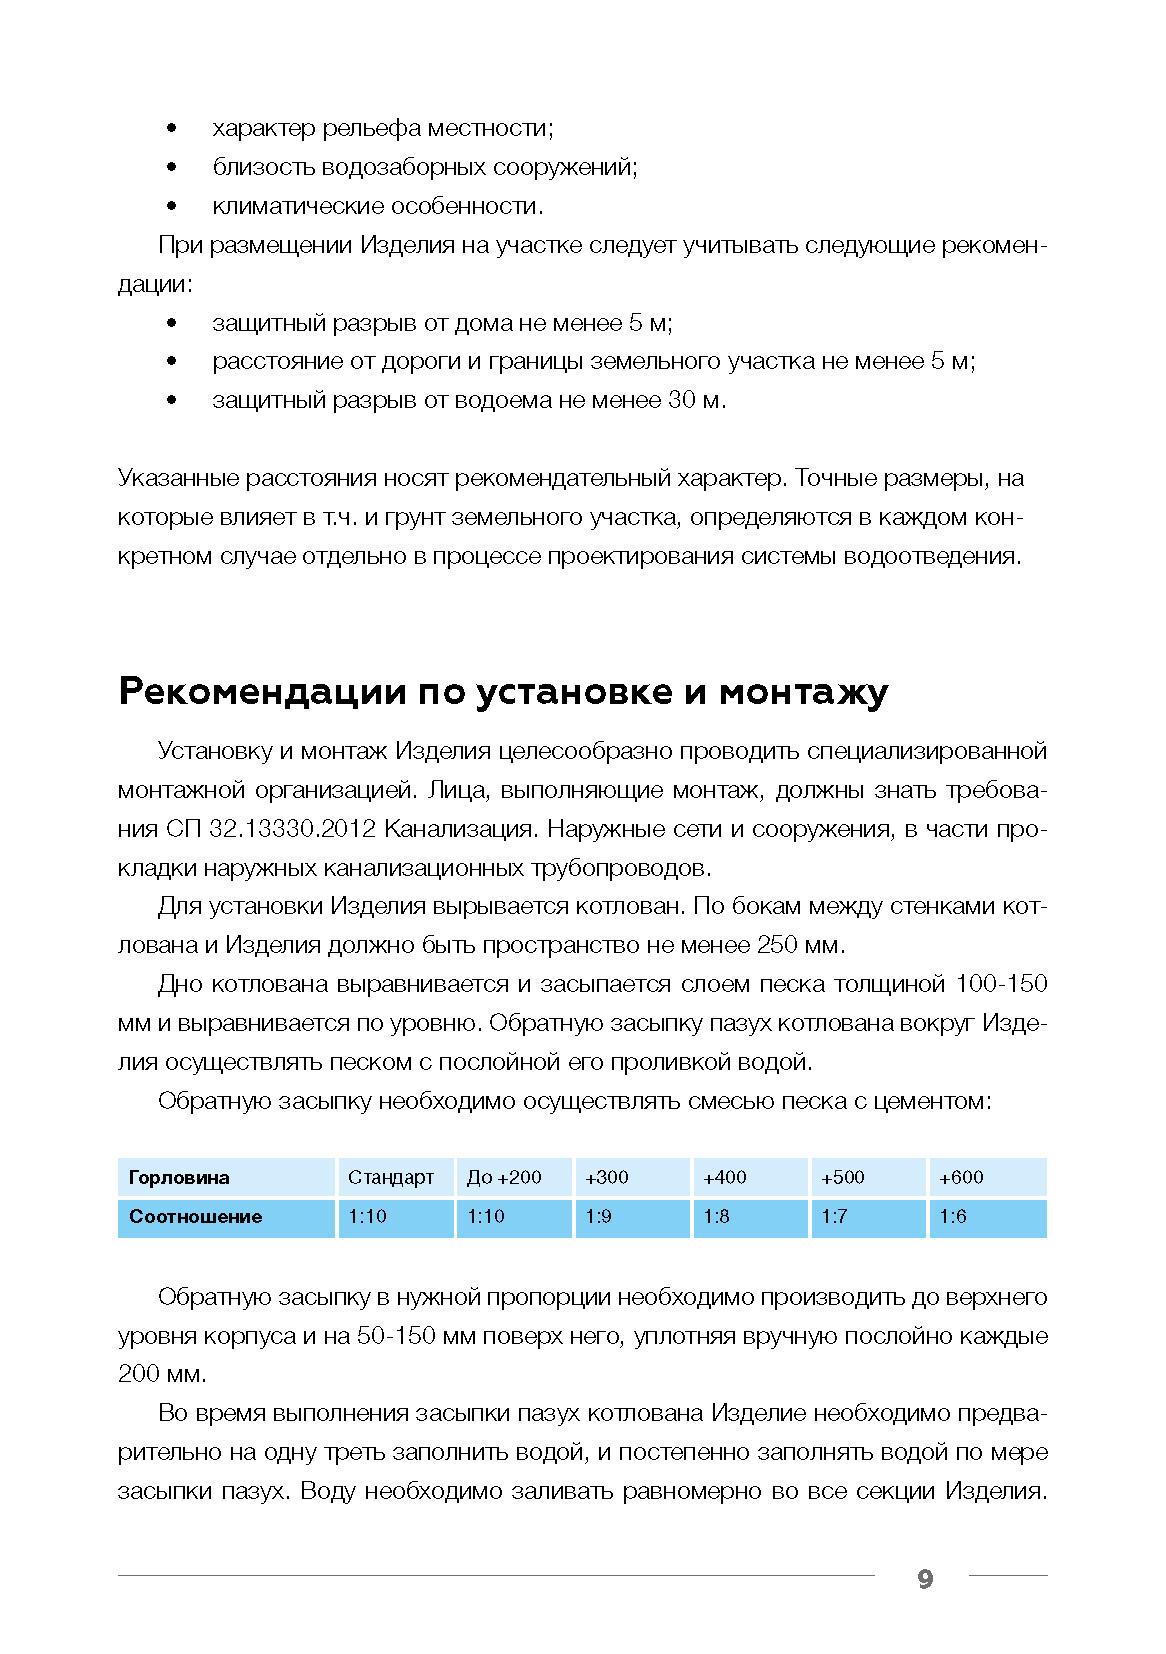 Технический паспорт Евролос Грунт_Страница_11